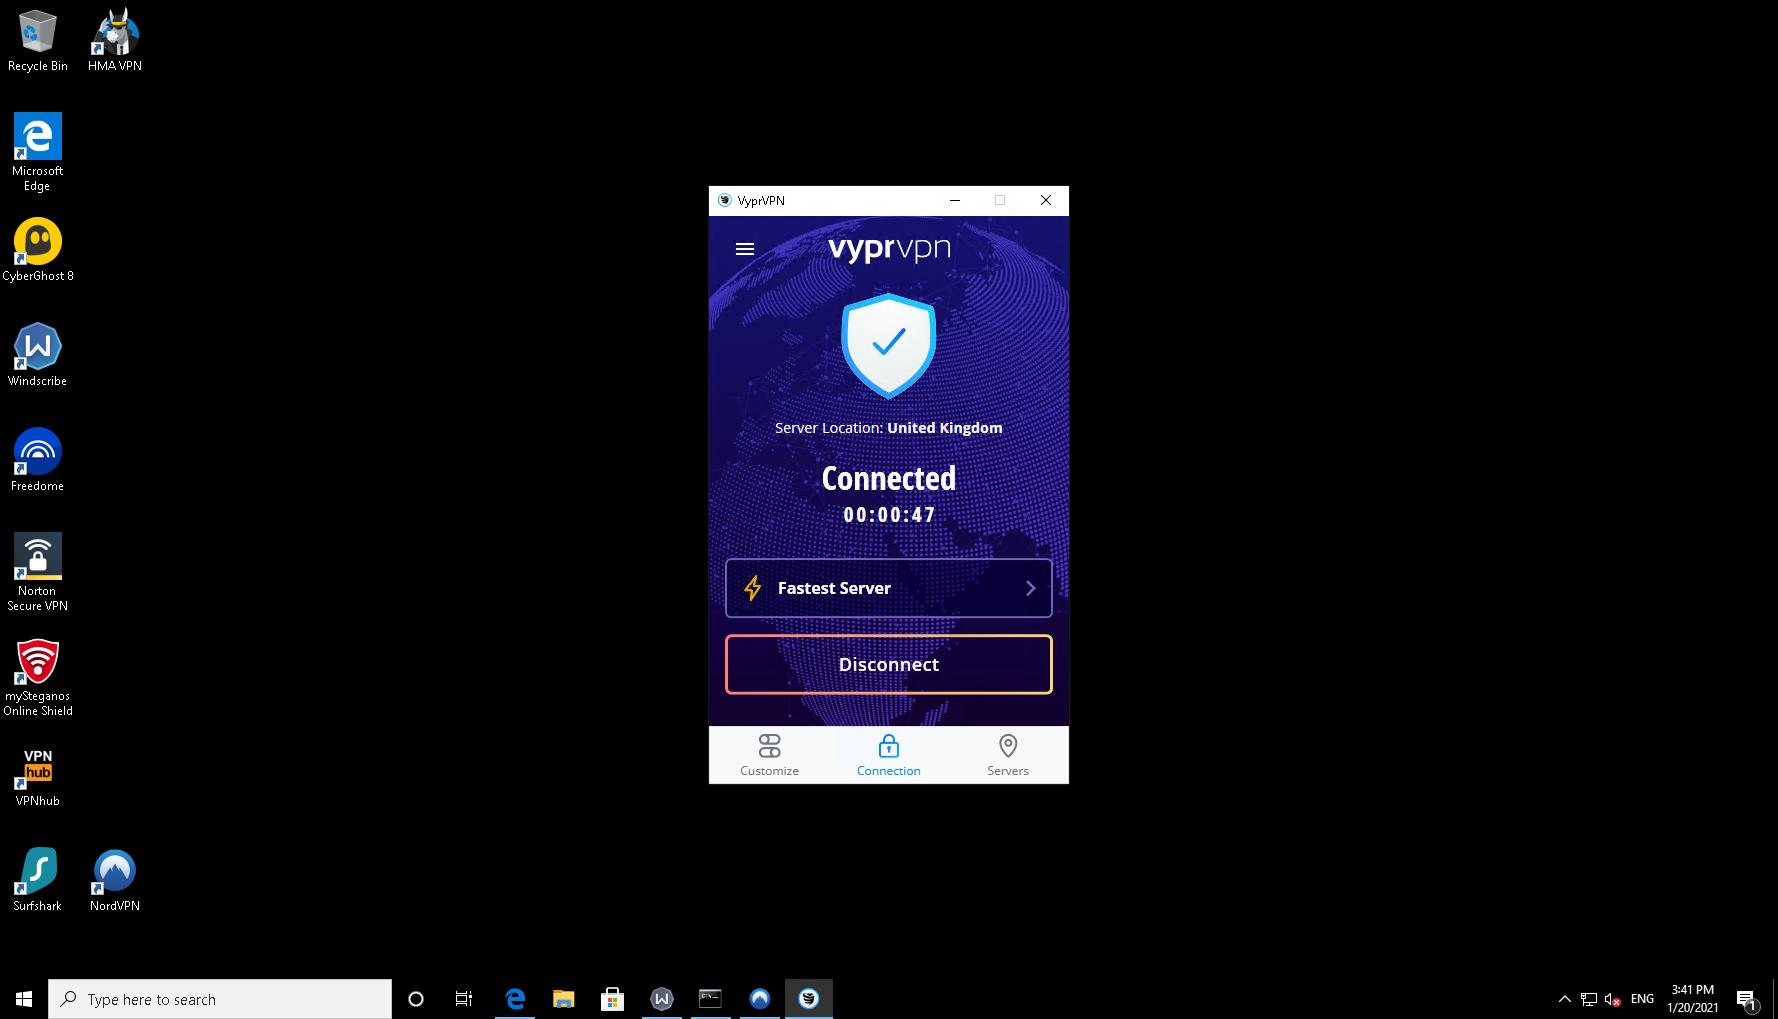 VyprVPN client on a Windows 10 desktop